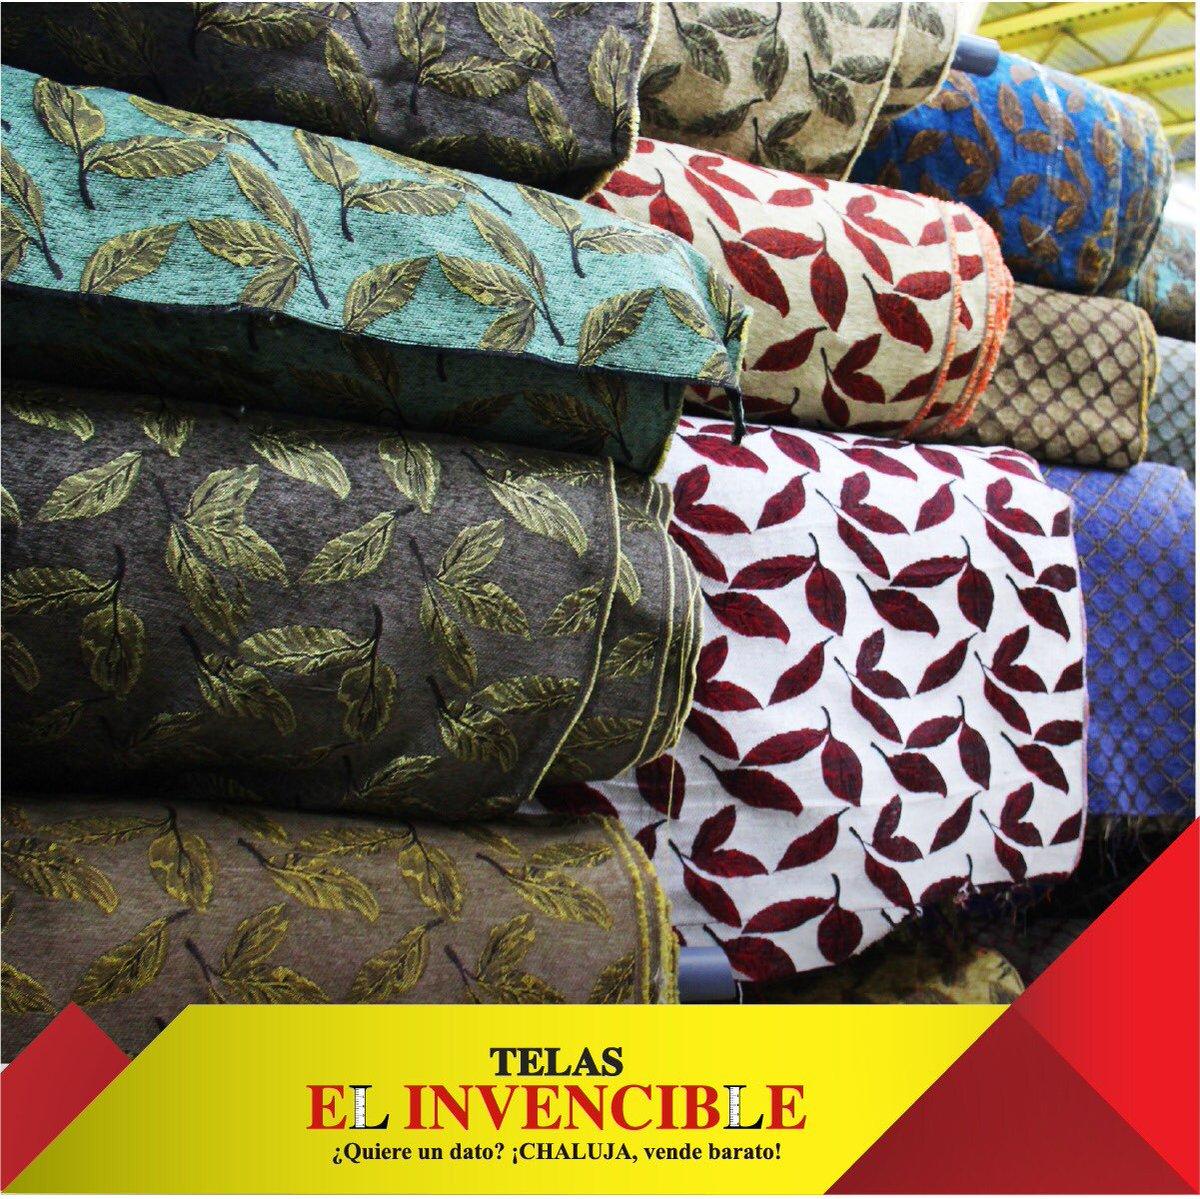 Telas el invencible on twitter en nuestras tiendas - Muebles para tapizar ...